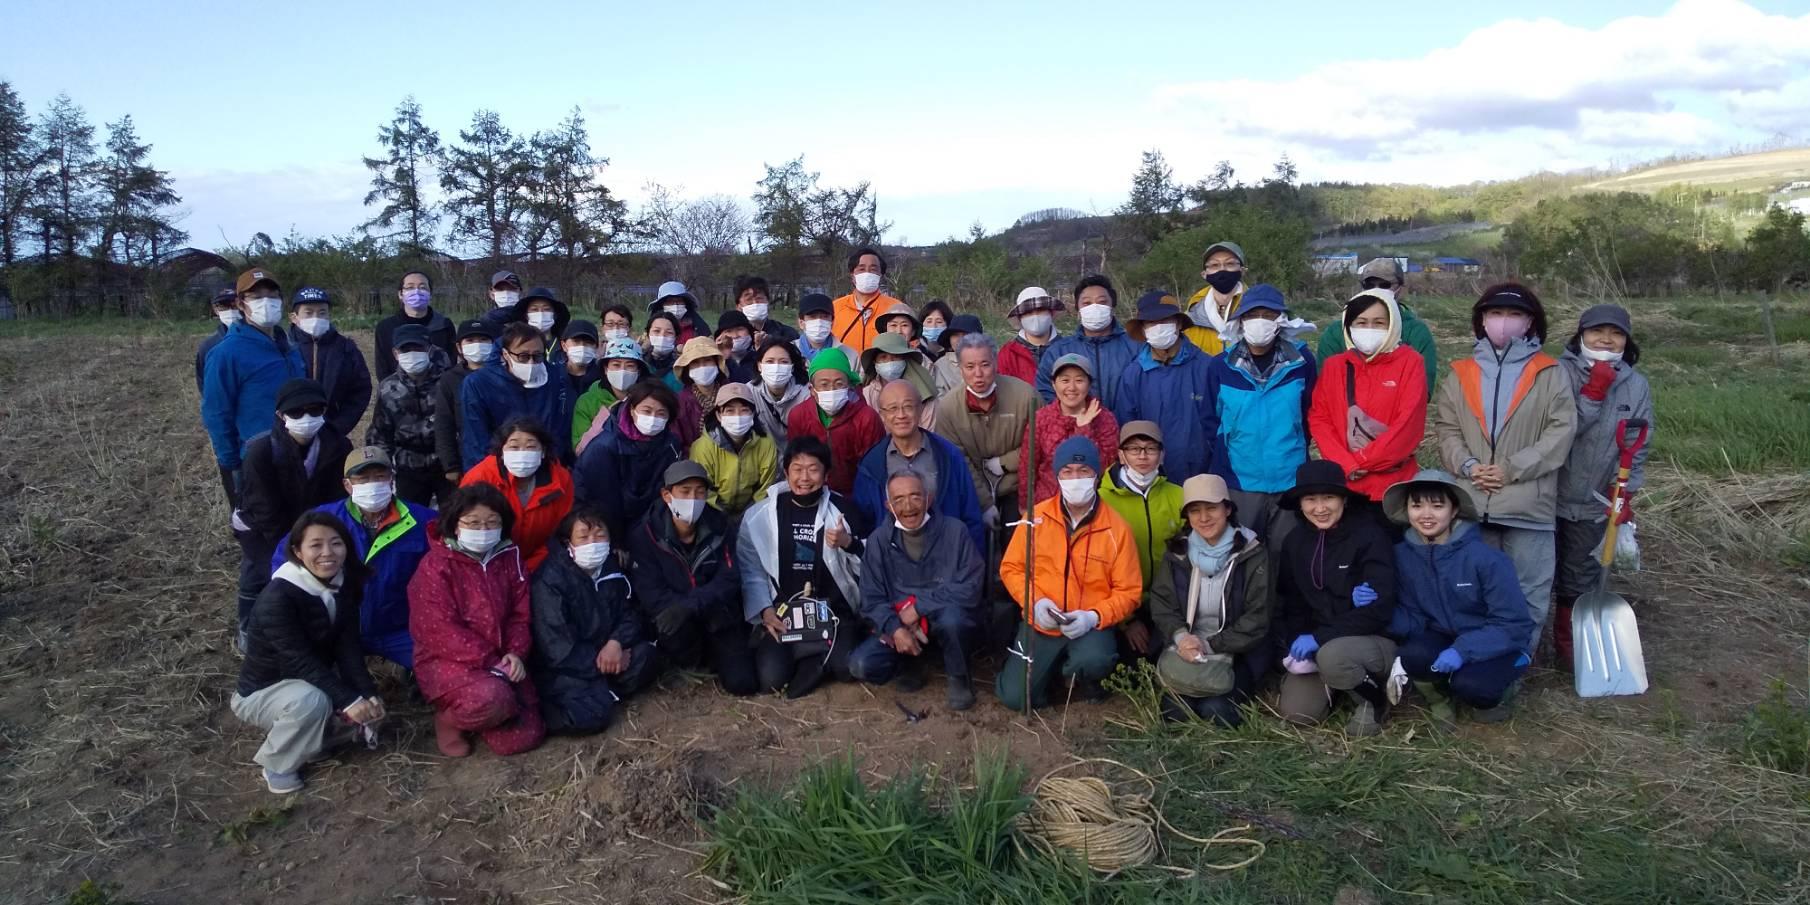 2021年木村秋則自然栽培農学校の入校式